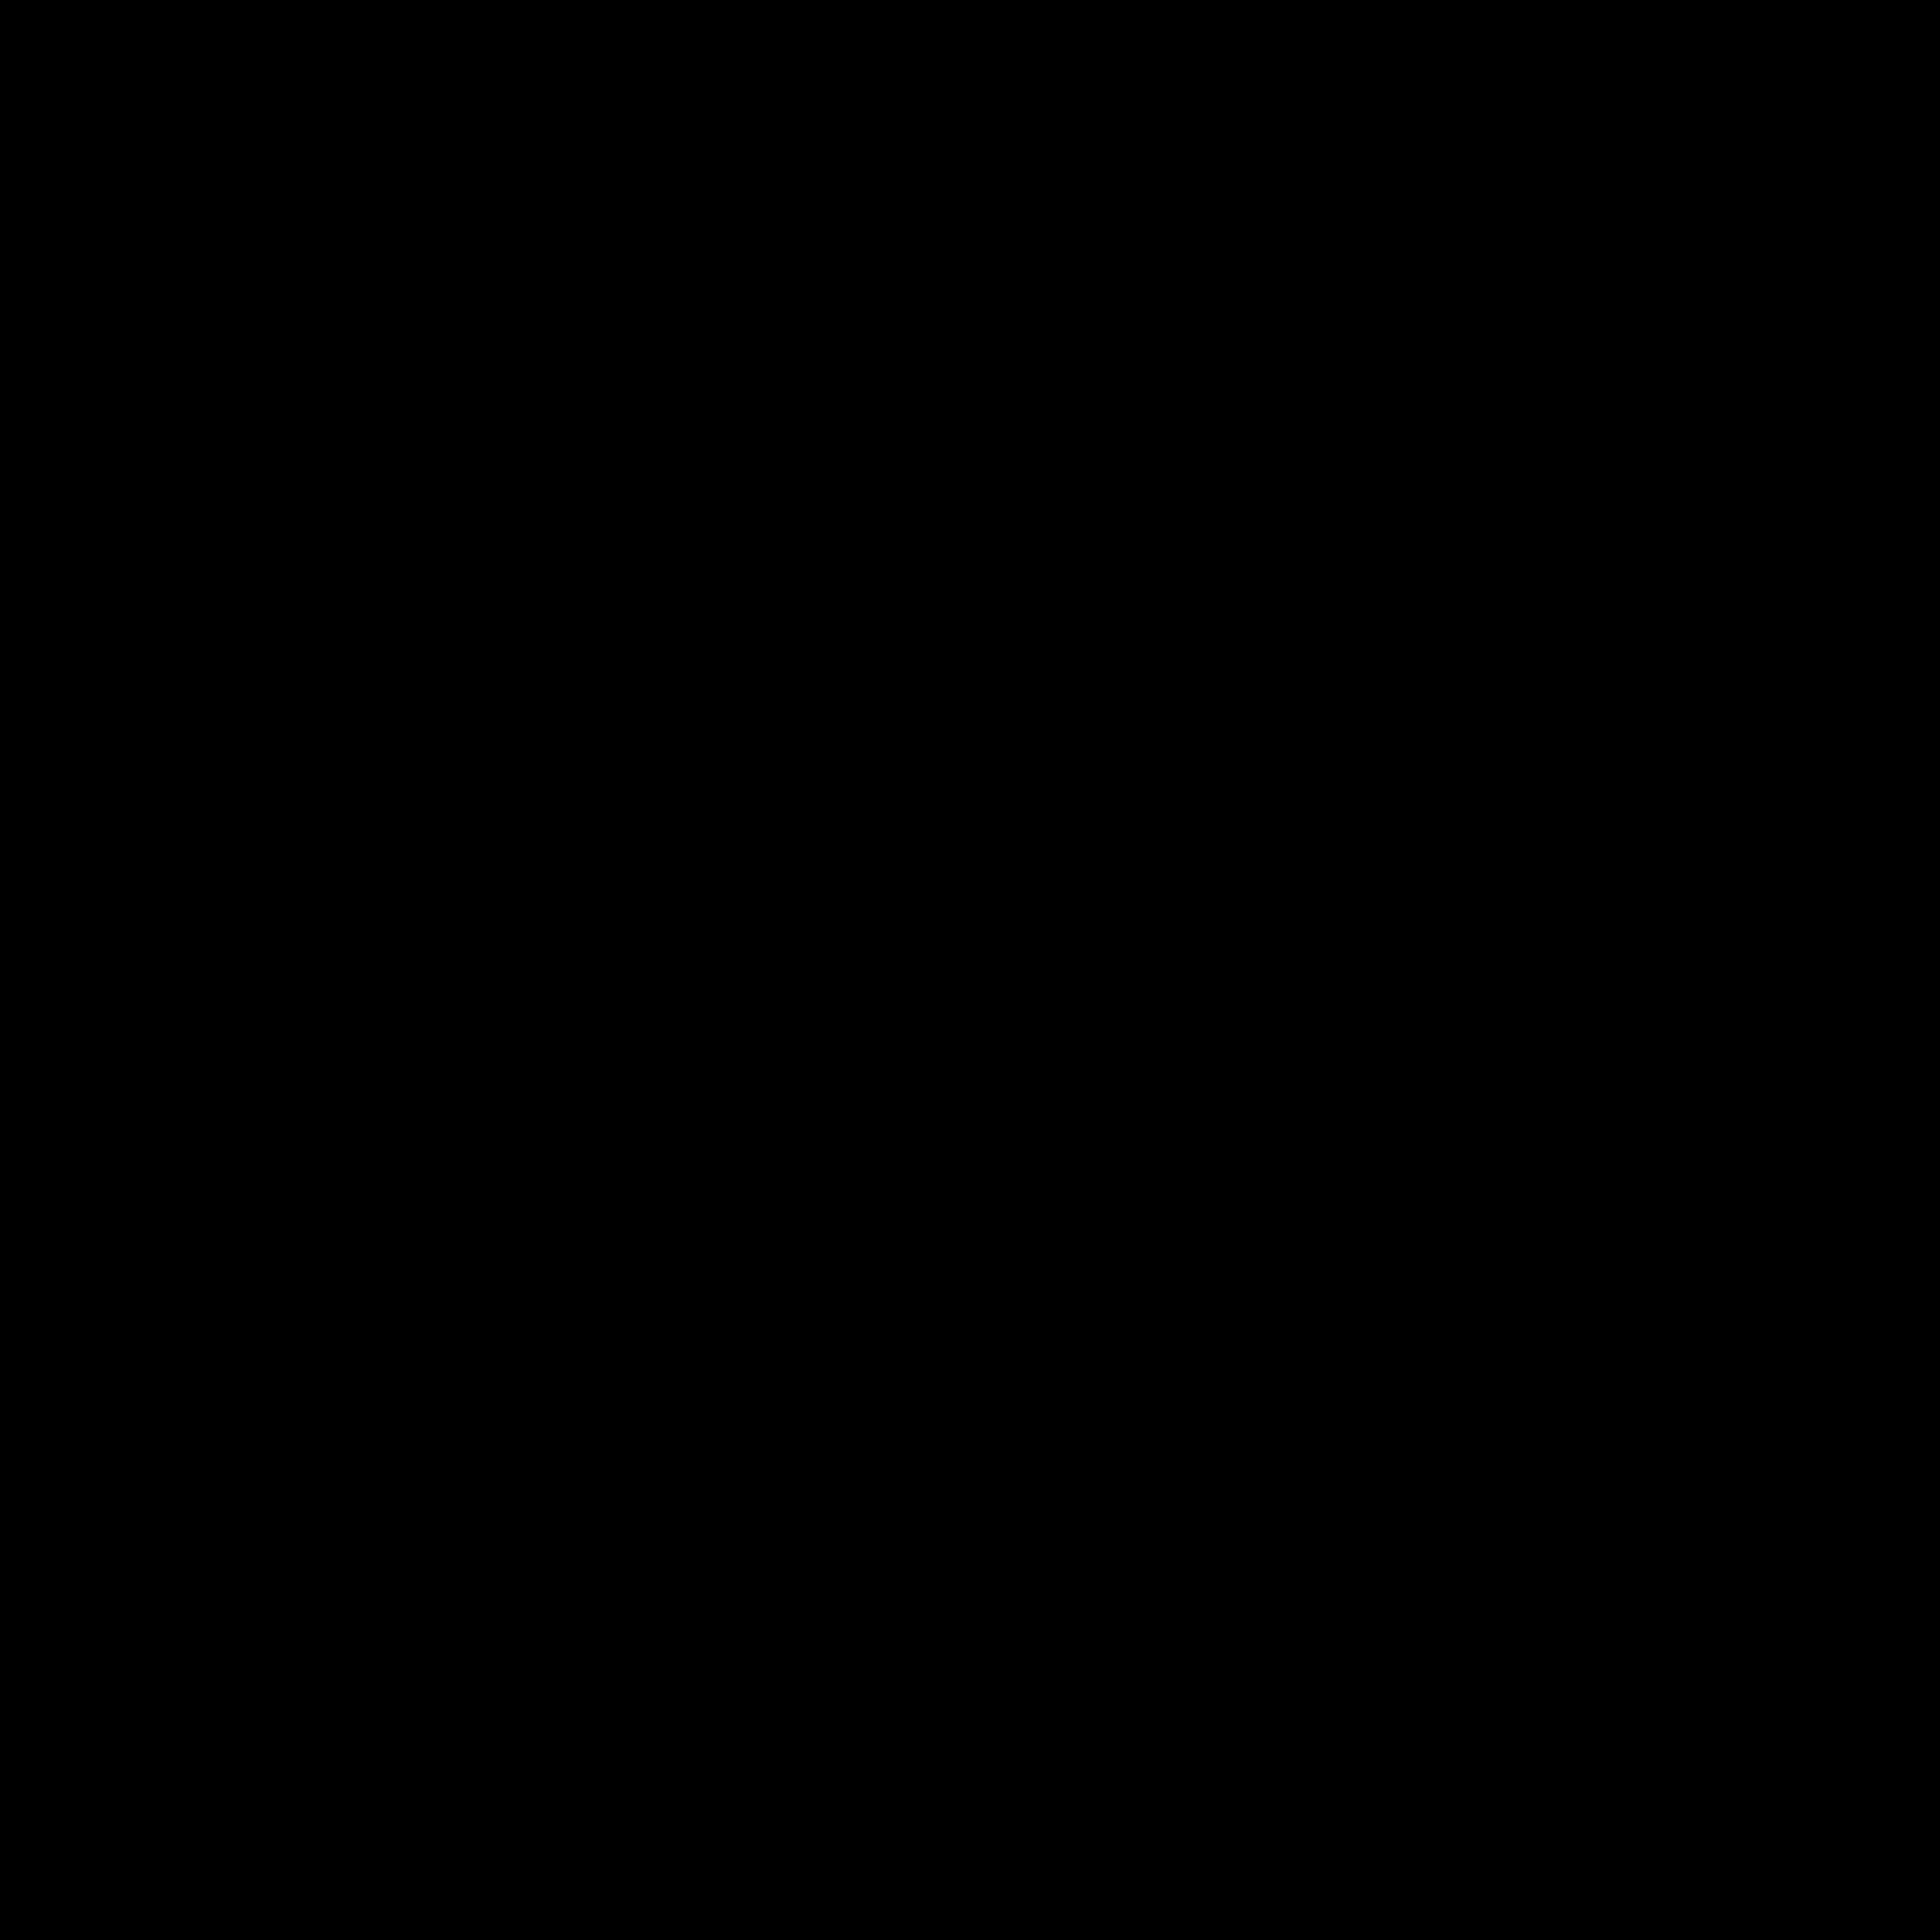 Mexicana de Propietarios